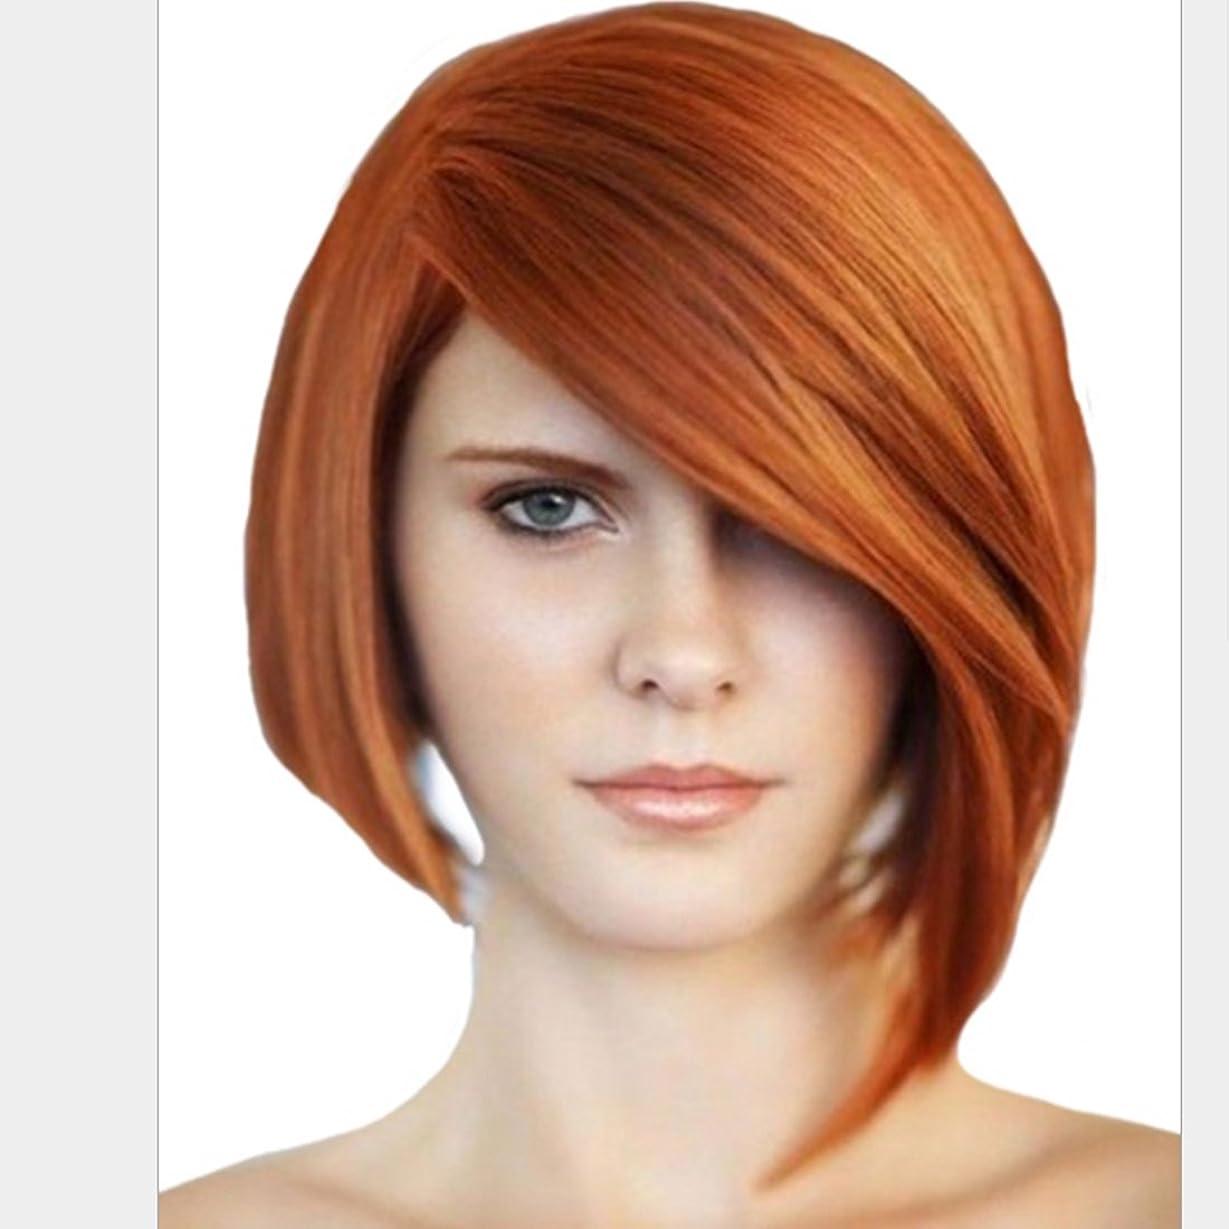 司教視力シリンダーDoyvanntgo 女性のための化学繊維のゴールドウィッグ斜めのバゲットとショートストレートヘアヘアホワイトヘッド女性のための8センチメートルの抵抗のウィッグ (Color : Gold)